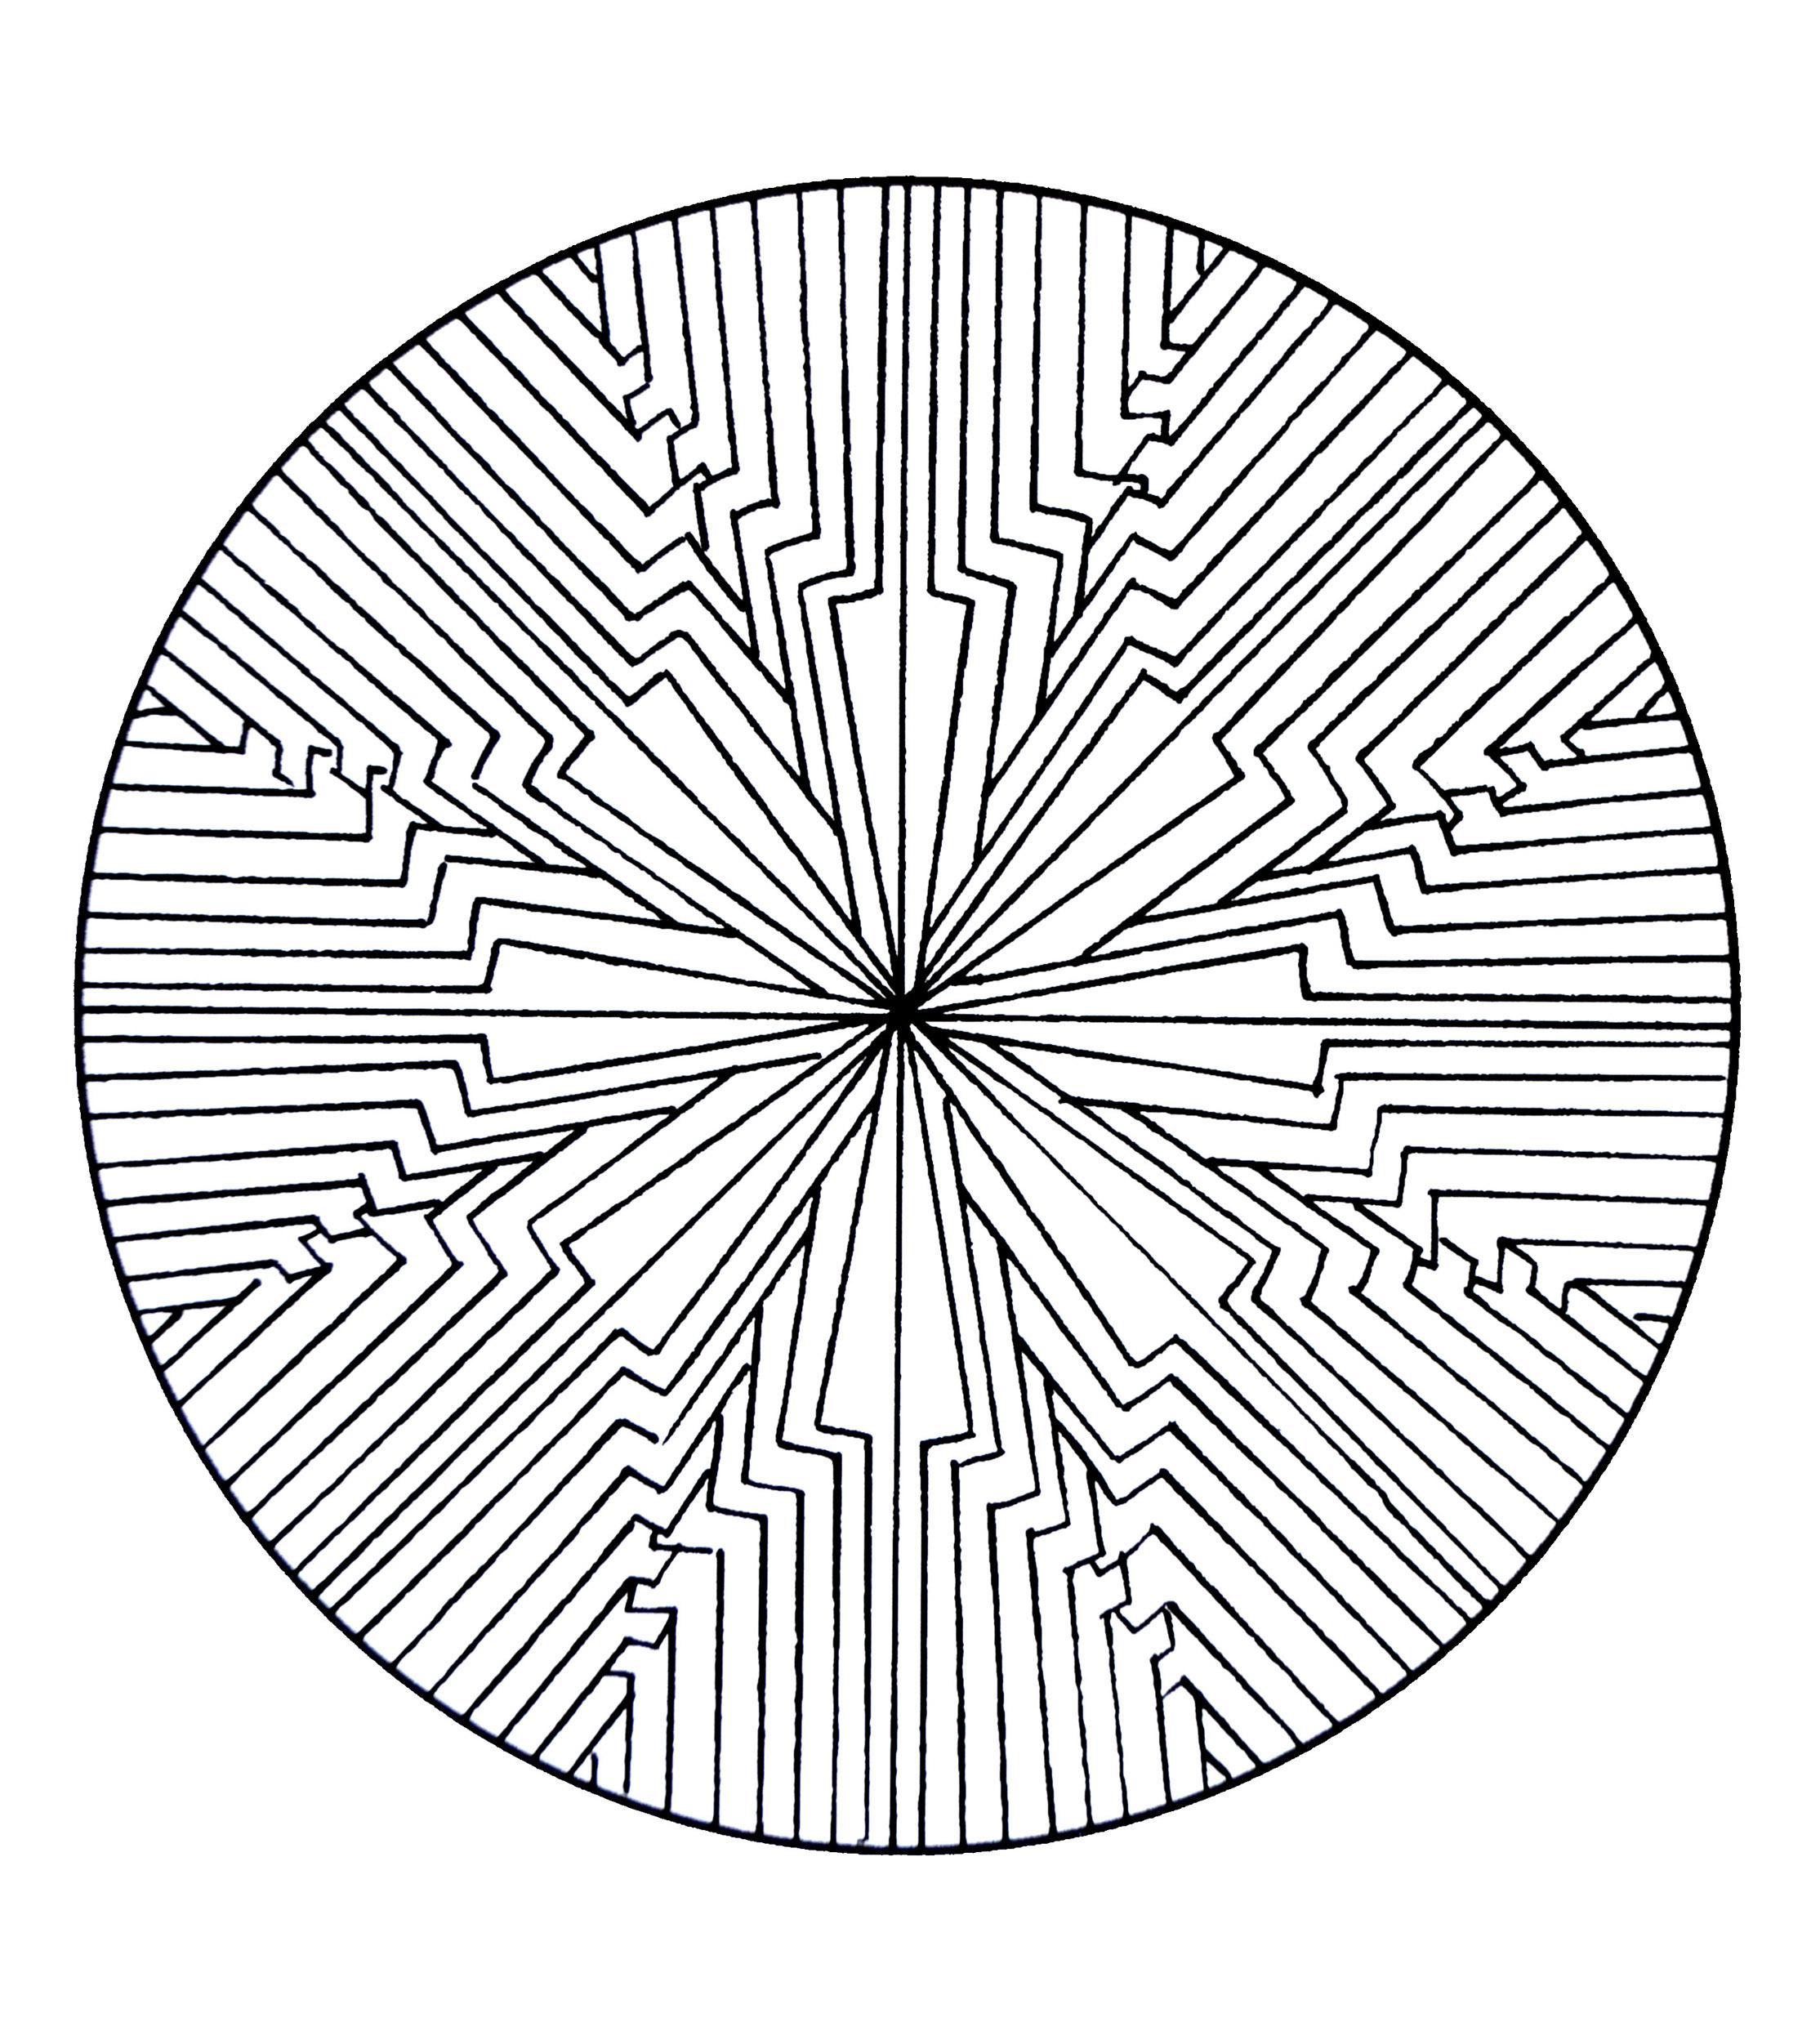 Mandala A Colorier Gratuit A Imprimer 11 Mandalas De Difficulté